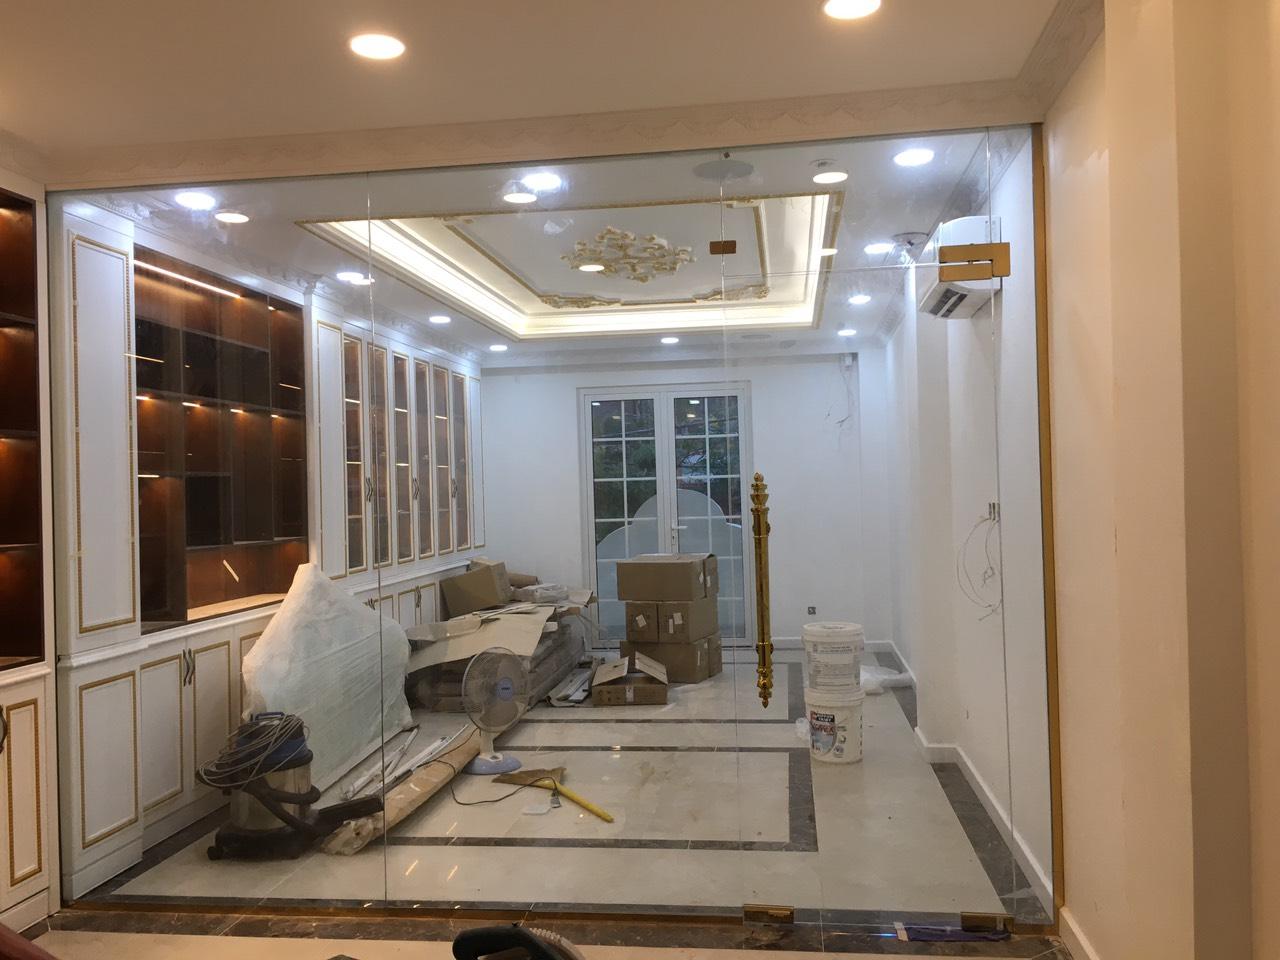 cửa kính bản lề sàn fc 34 khung inox vàng